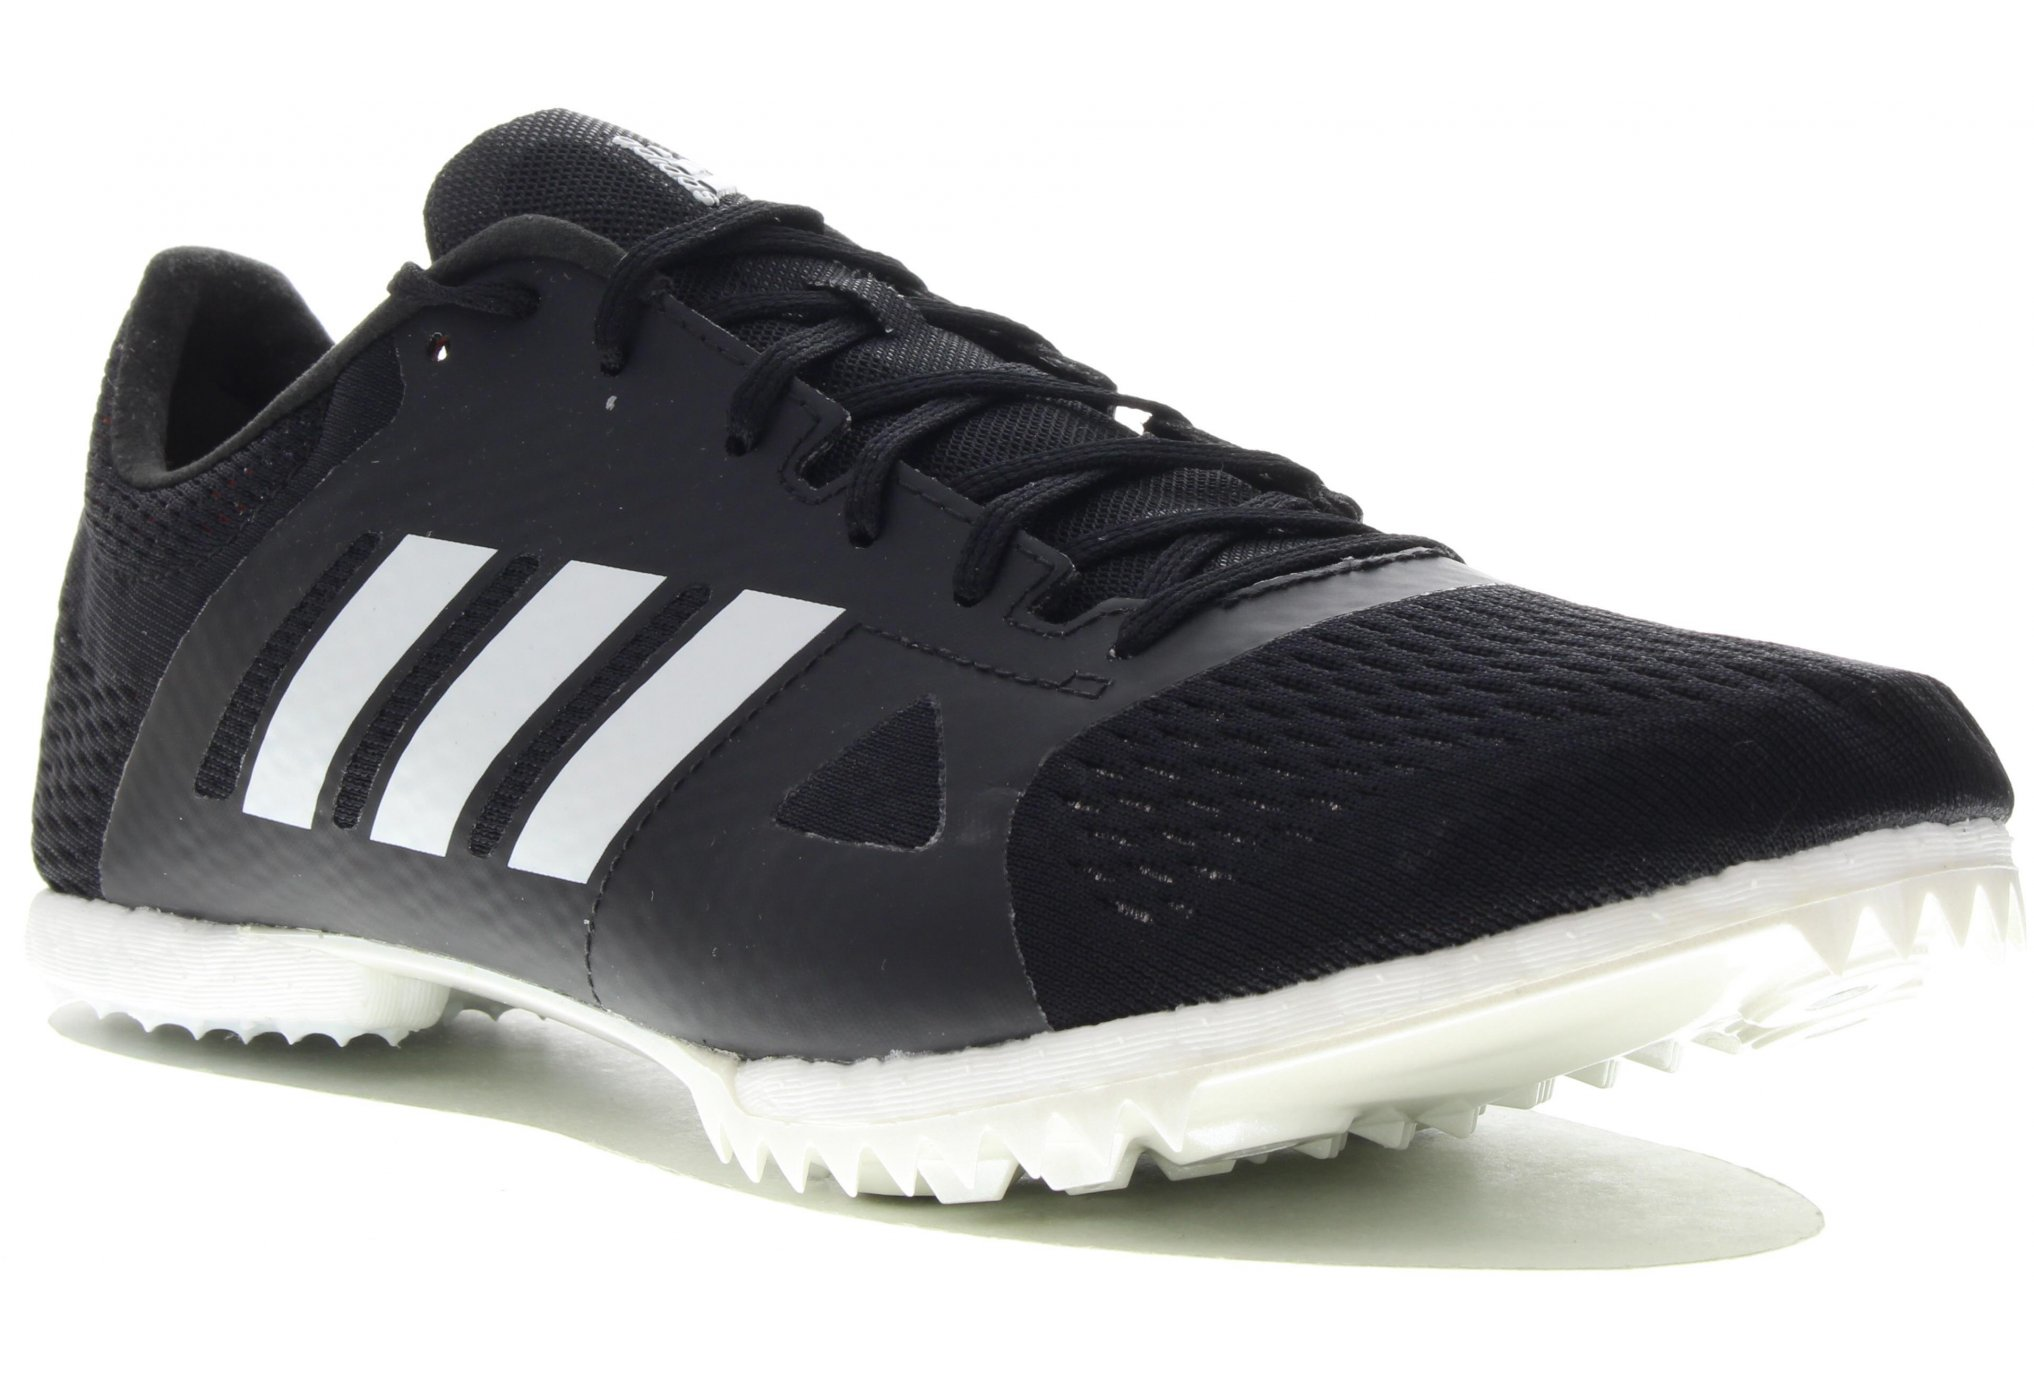 adidas adizero MD Boost M Diététique Chaussures homme